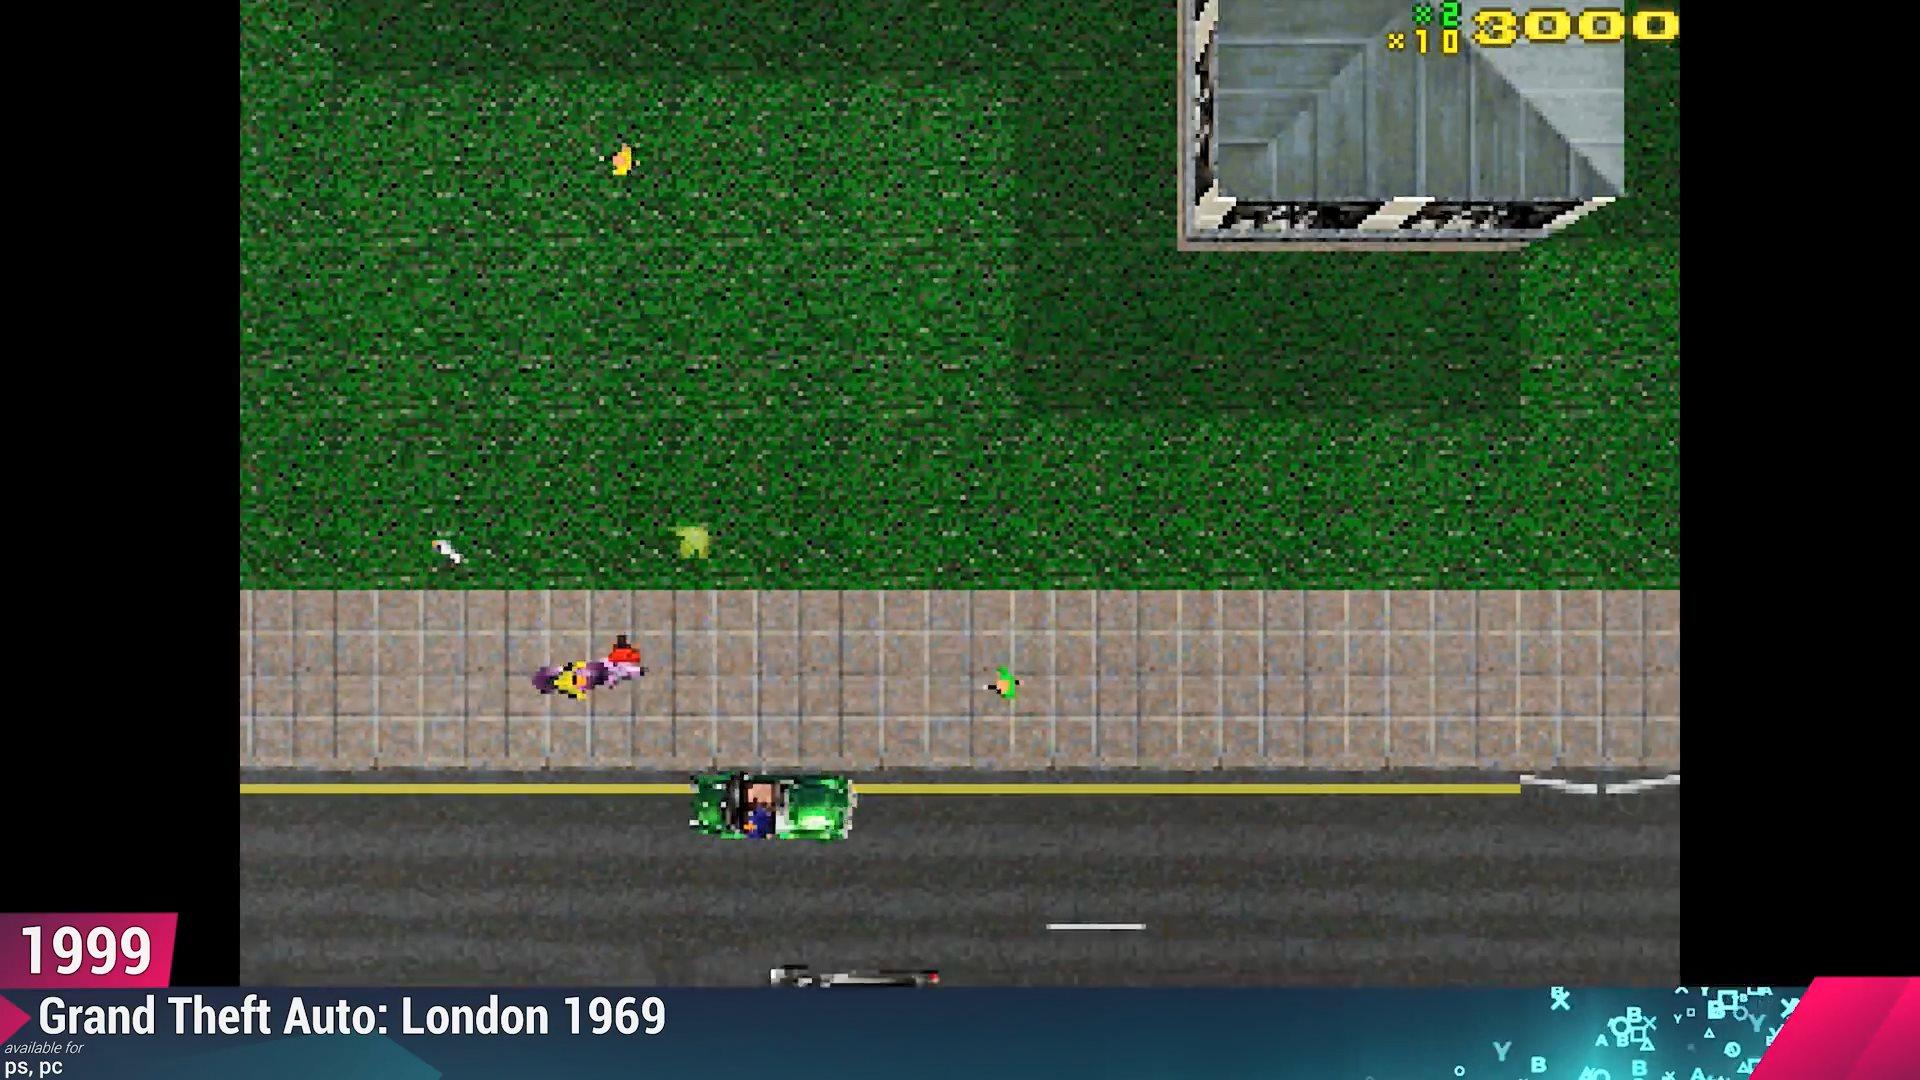 20余年沧桑巨变 《GTA》系列摩托车变迁史